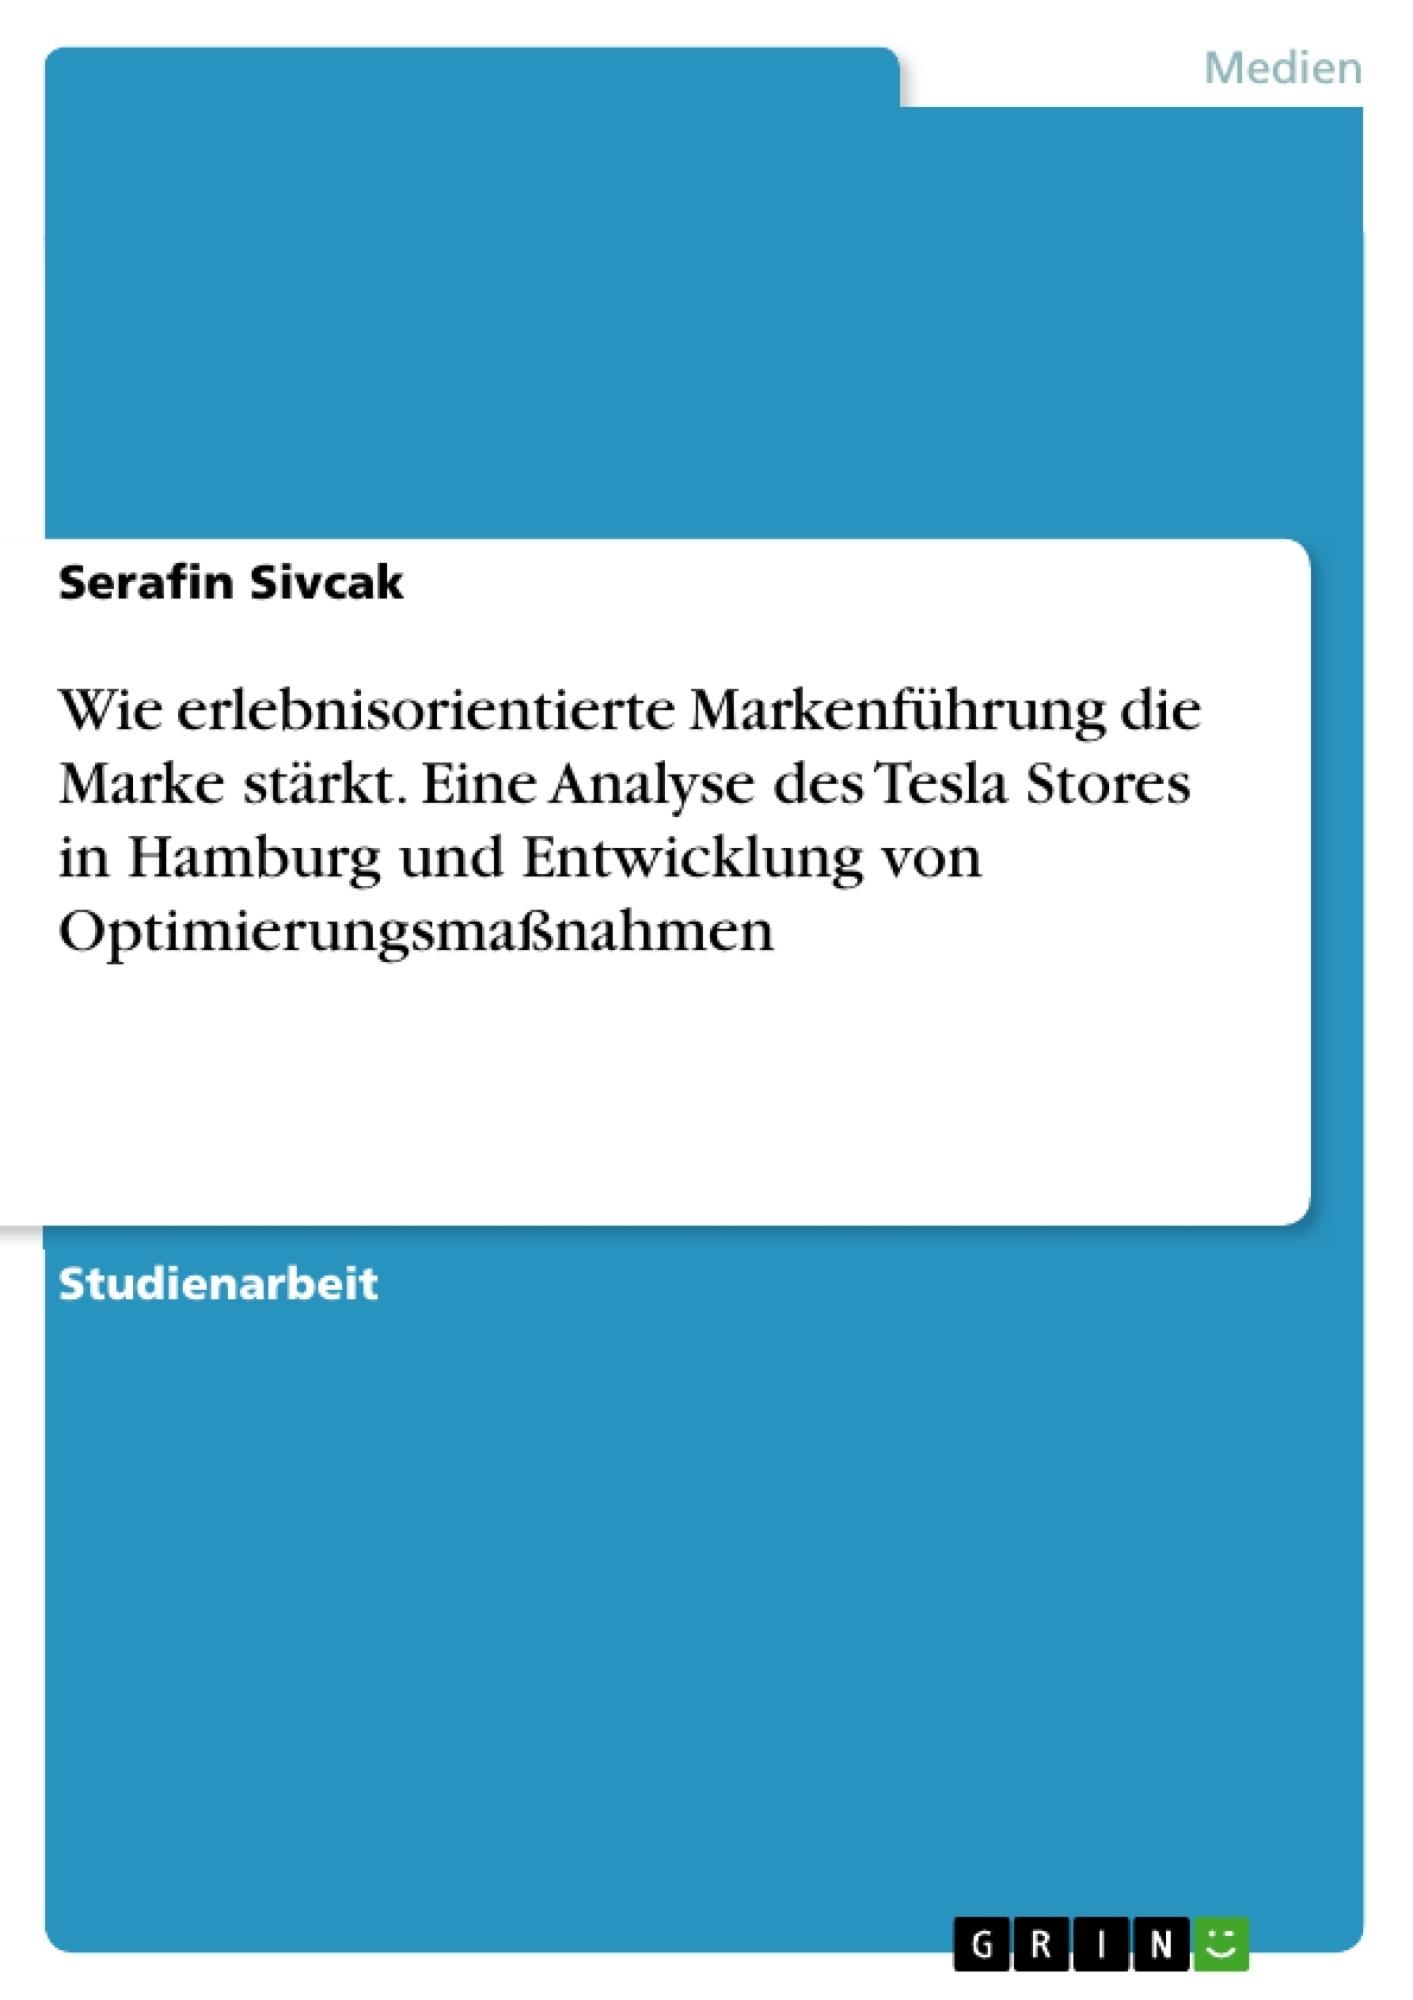 Titel: Wie erlebnisorientierte Markenführung die Marke stärkt. Eine Analyse des Tesla Stores in Hamburg und Entwicklung von Optimierungsmaßnahmen